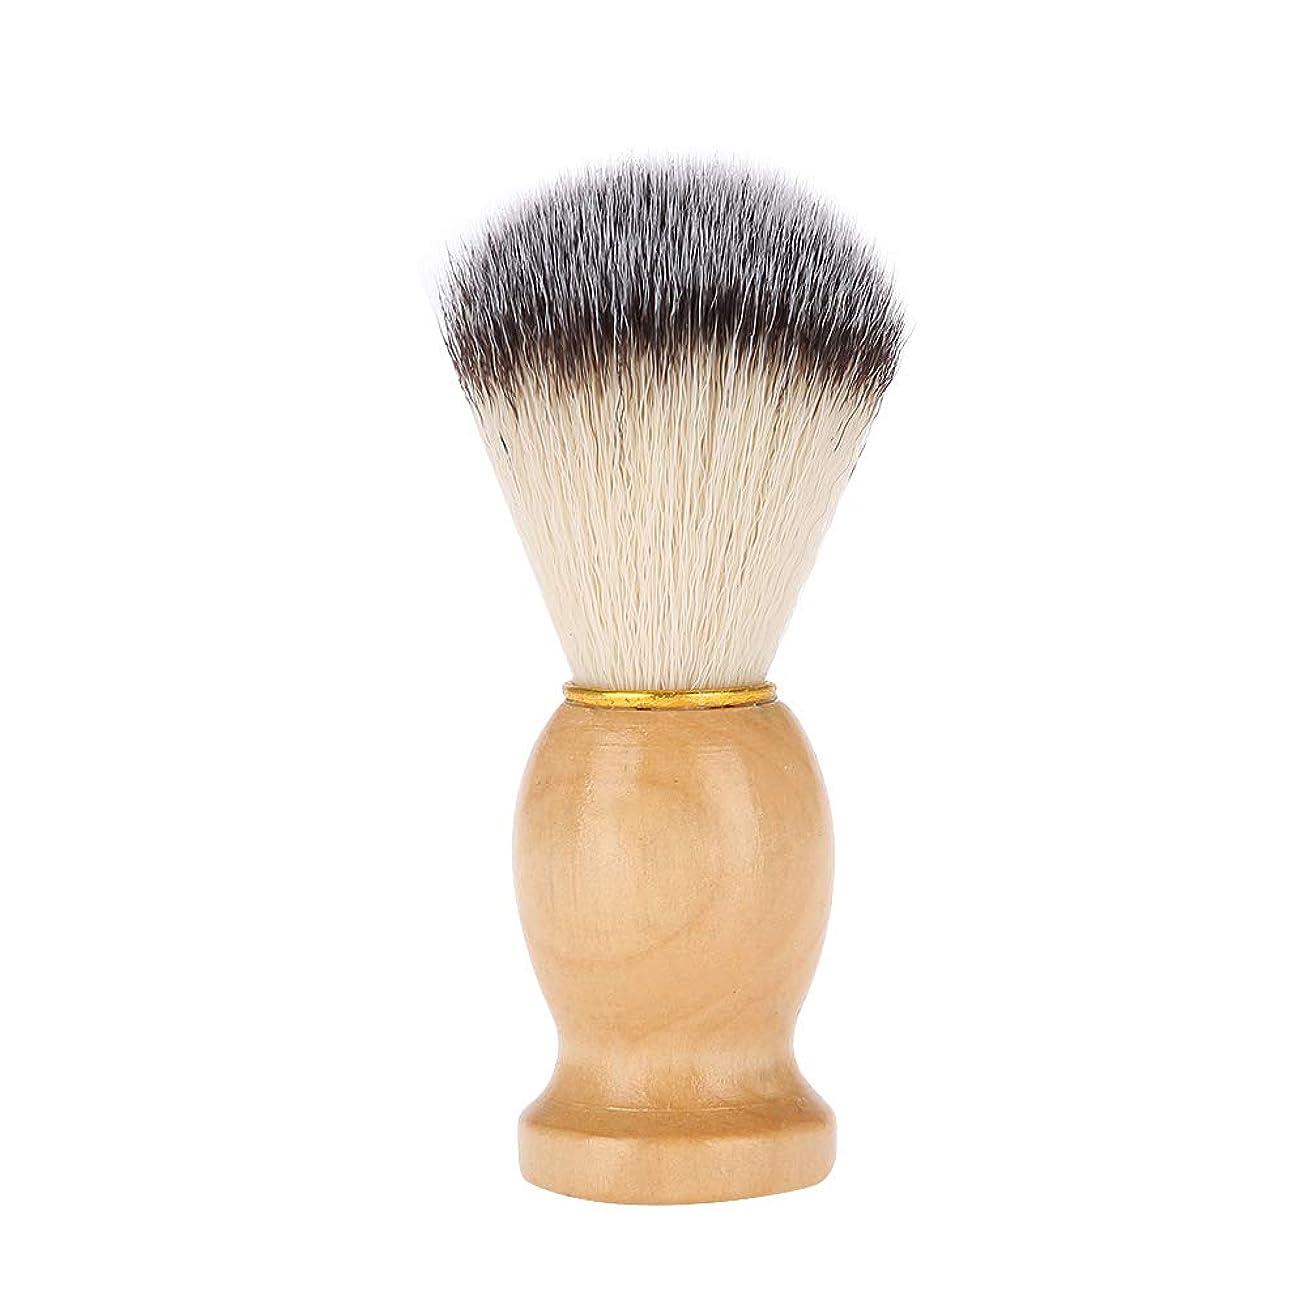 望遠鏡豊かなアラスカシェービングブラシ 髭剃りブラシ 木製ハンドル+繊維毛 泡立て ひげ剃りツール メンズ理容ブラシ